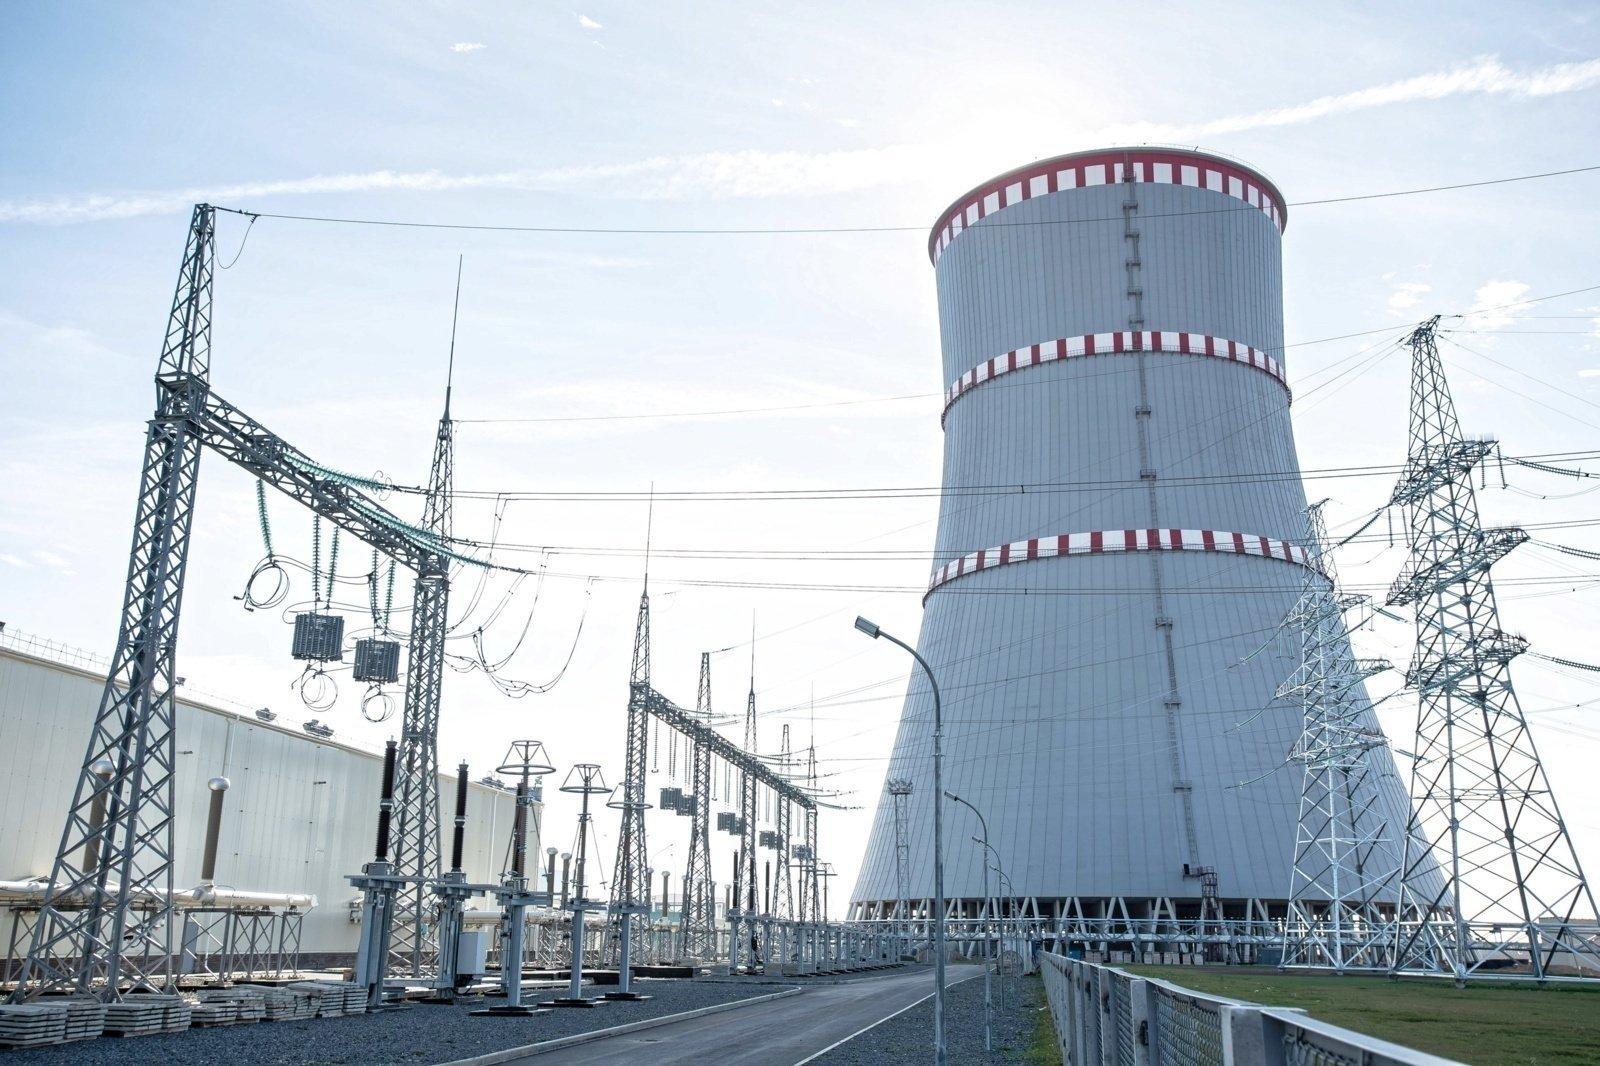 Į Baltarusijos AE pirmojo bloko reaktorių pradedamas krauti branduolinis kuras